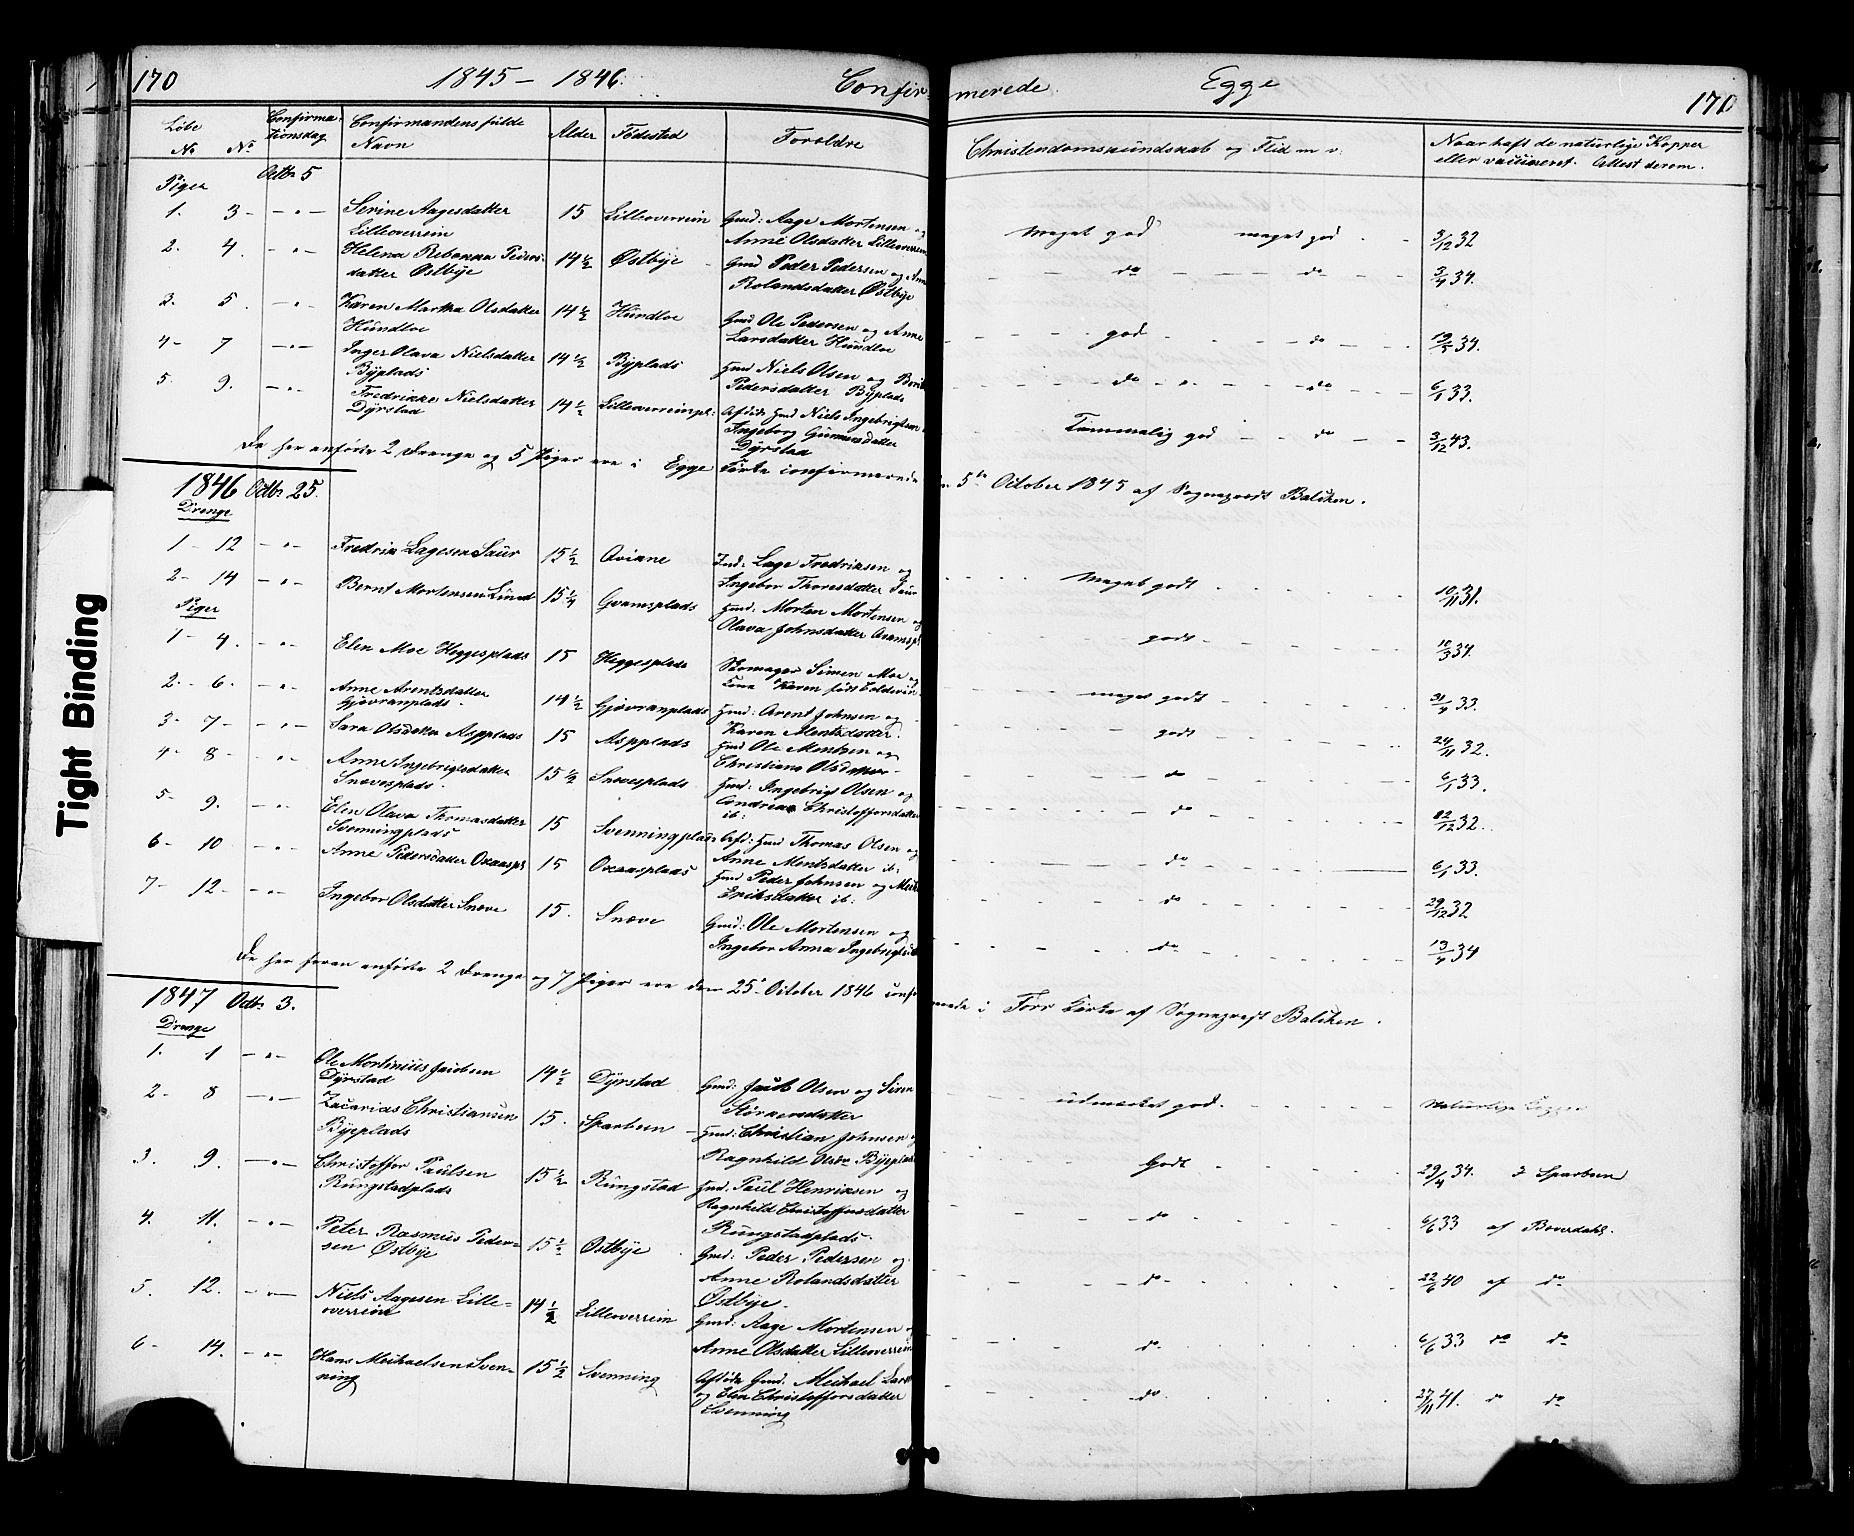 SAT, Ministerialprotokoller, klokkerbøker og fødselsregistre - Nord-Trøndelag, 739/L0367: Ministerialbok nr. 739A01 /3, 1838-1868, s. 170-171